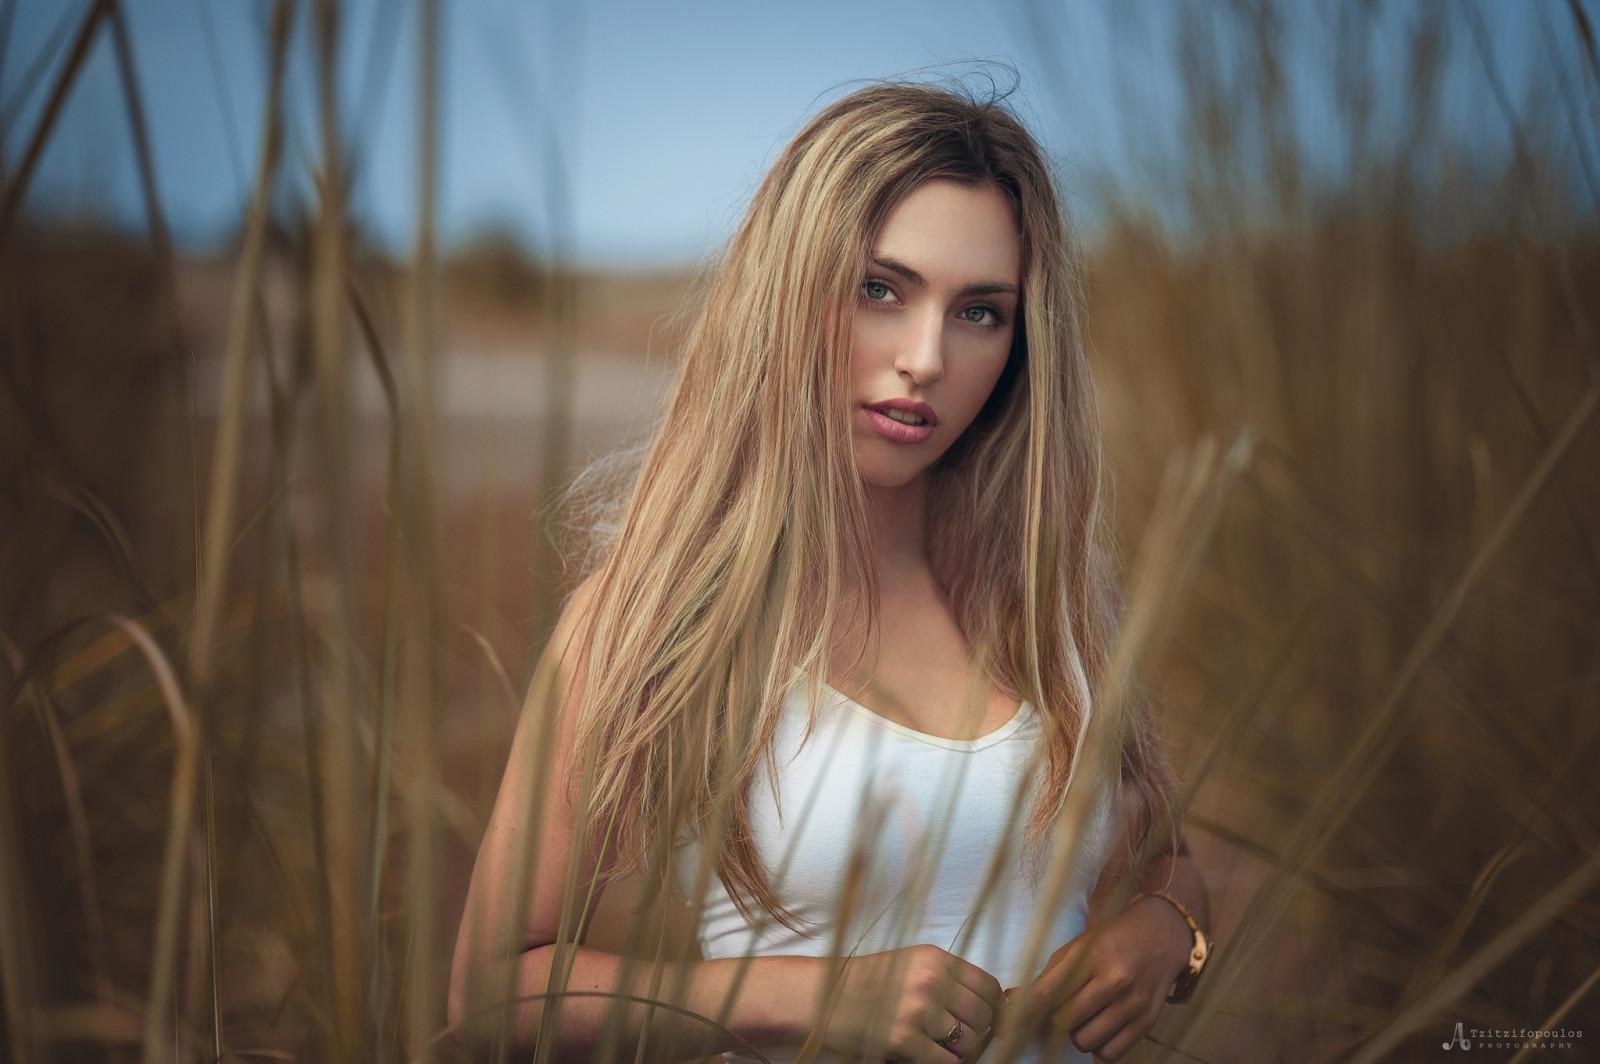 Hintergrundbilder : Frauen im Freien, Frau, Modell